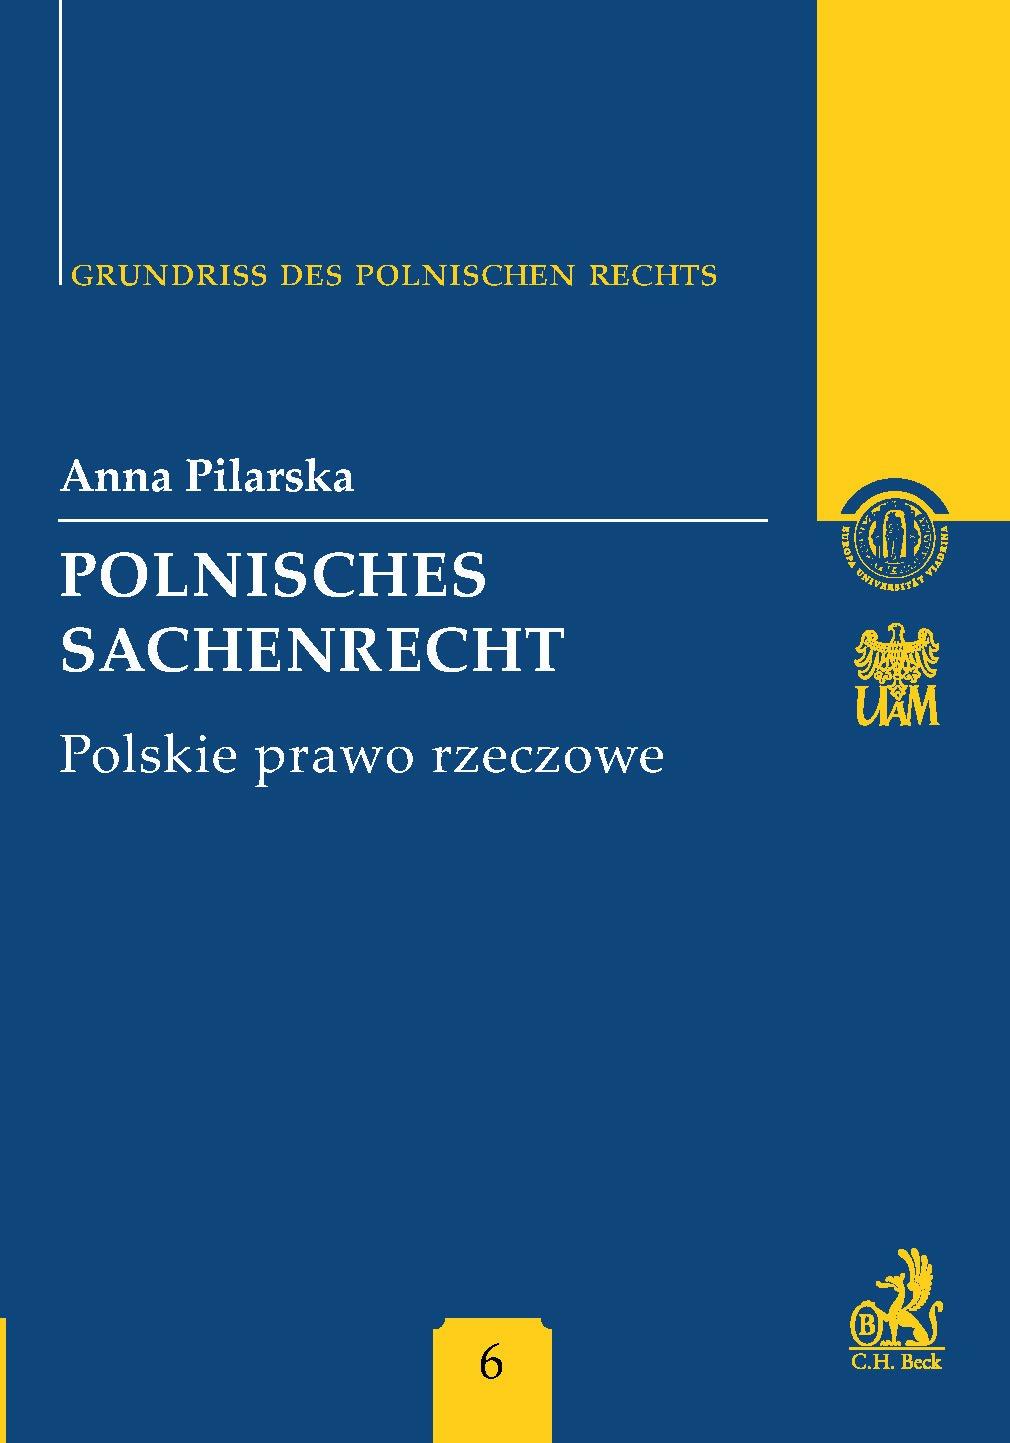 Polnisches Sachenrecht. Polskie prawo rzeczowe Band 6 - Ebook (Książka PDF) do pobrania w formacie PDF